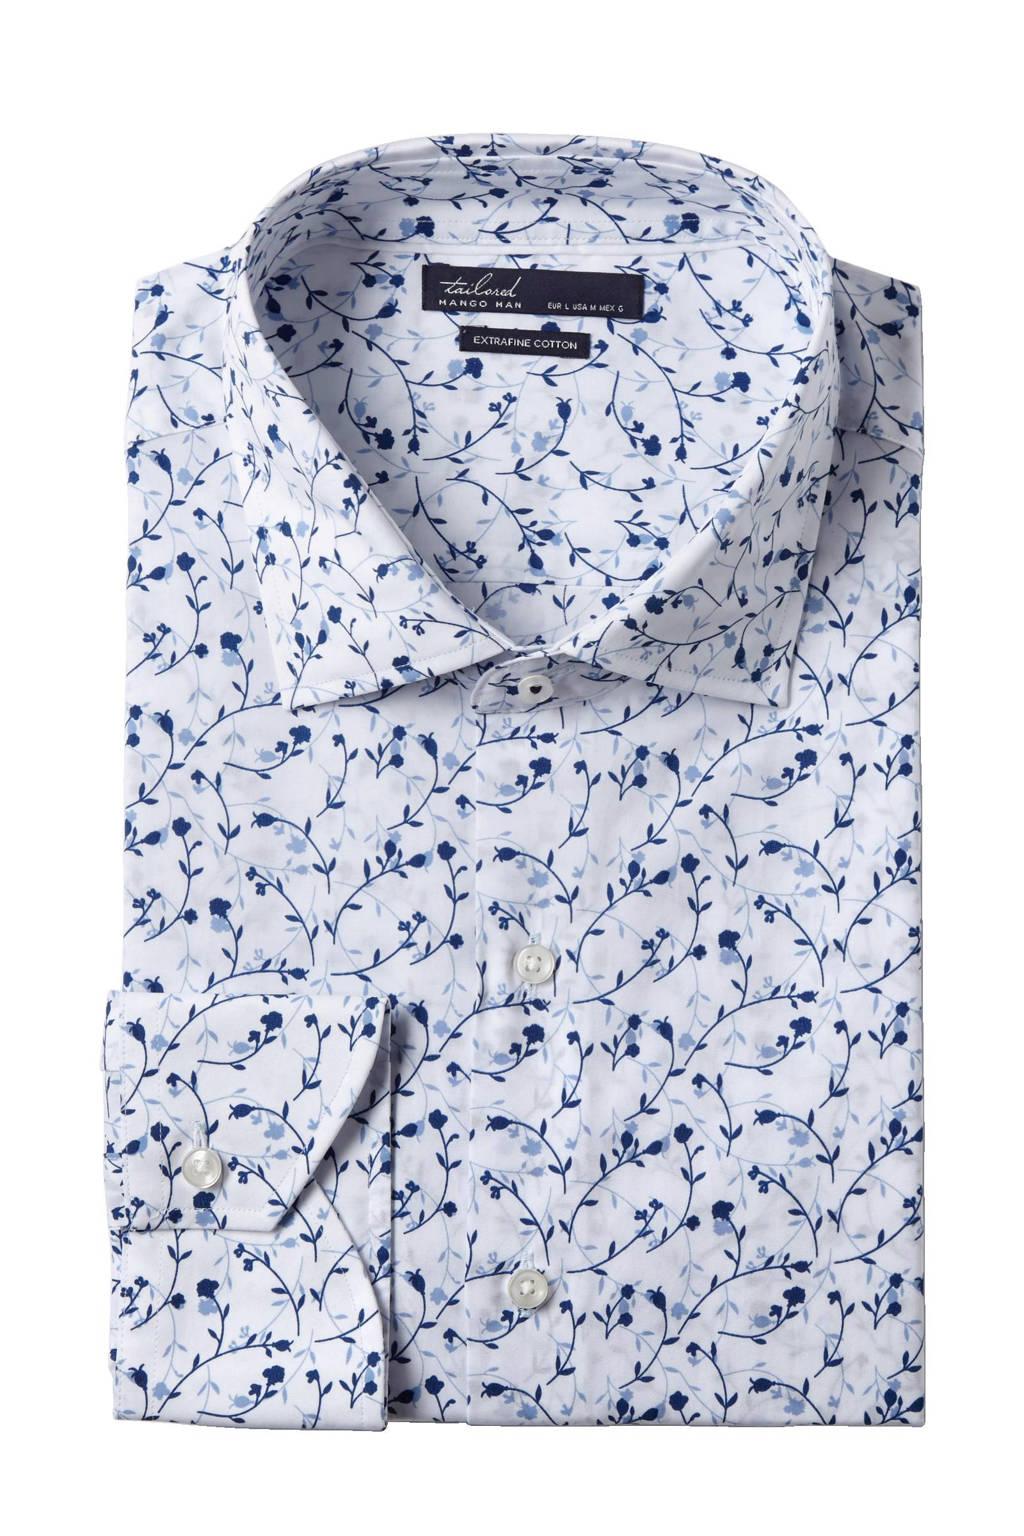 Bloemen Overhemd.Mango Man Slim Fit Overhemd Met Bloemen Wehkamp